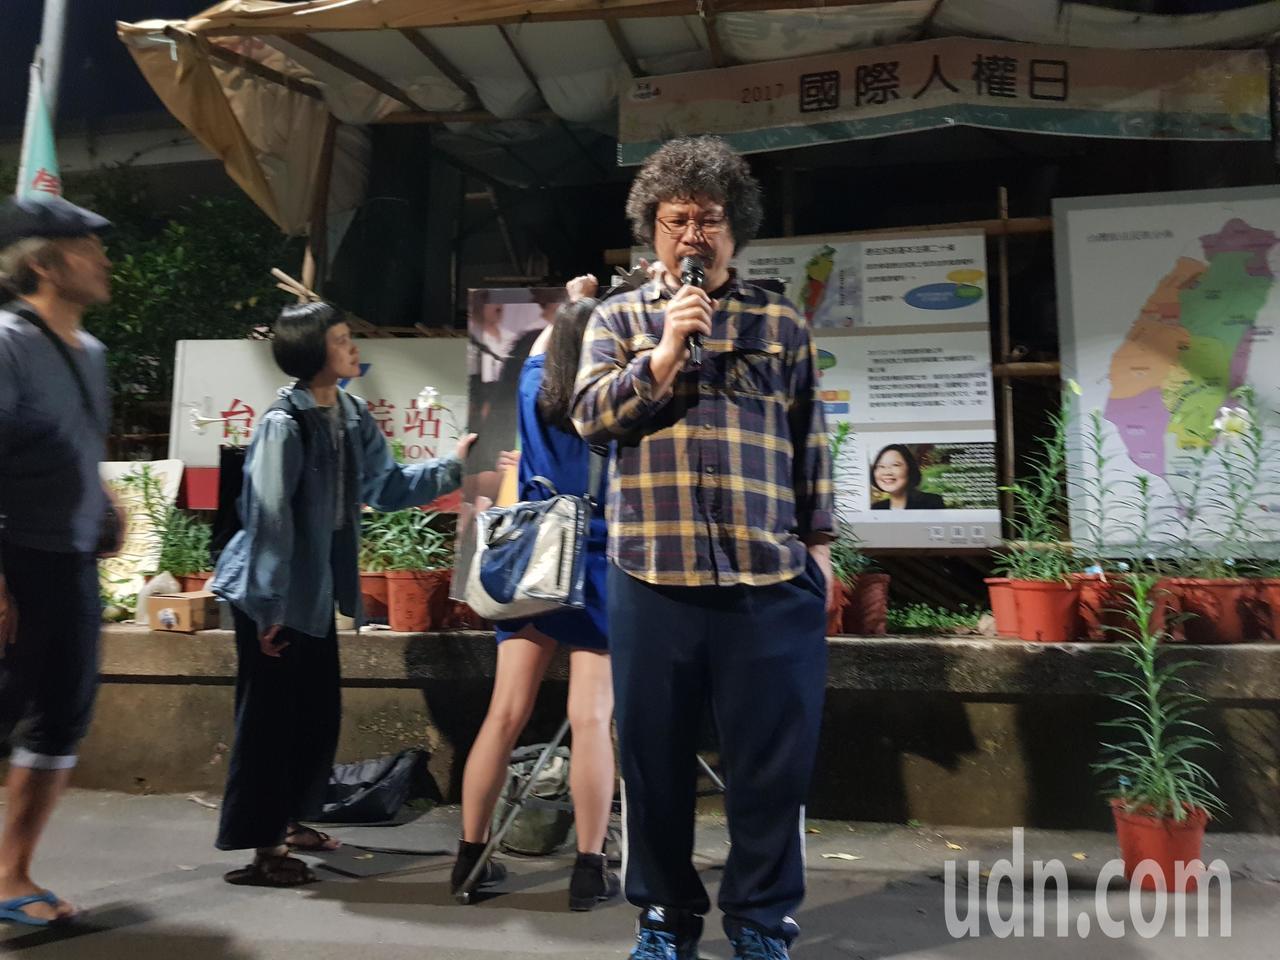 原轉小教室發起人之一的馬躍・比吼今晚也公開質疑柯文哲,「在台北市政府如果不能抗爭...